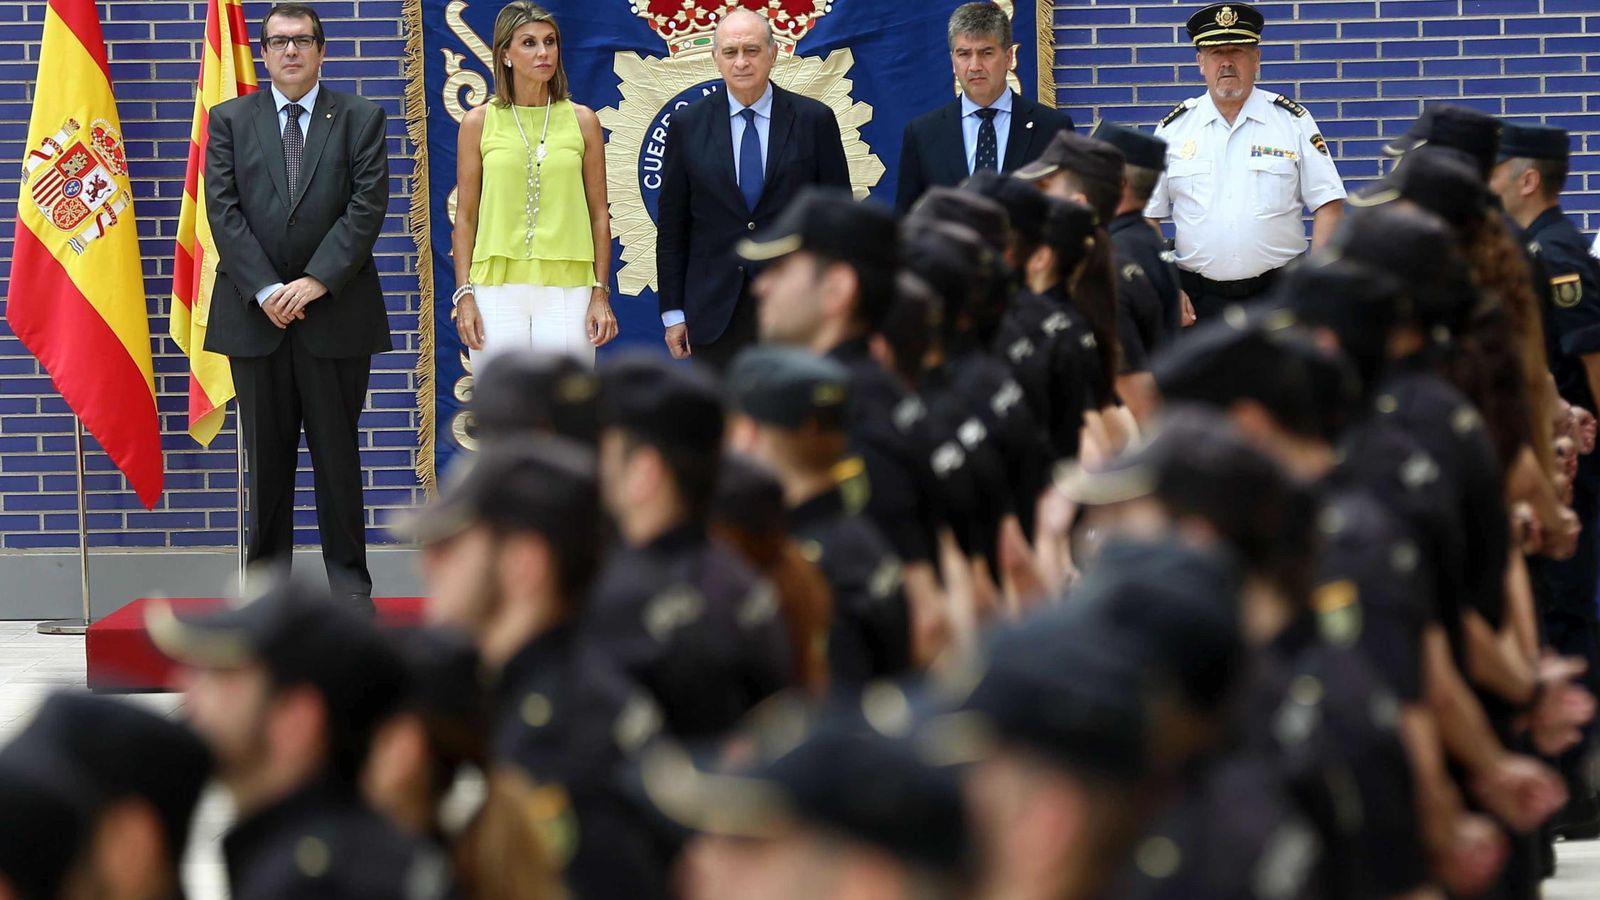 Foto: El ministro del Interior, Jorge Fernández Díaz, durante el acto de presentación de los 140 nuevos agentes de la Policía Nacional destinados en Cataluña. (EFE)